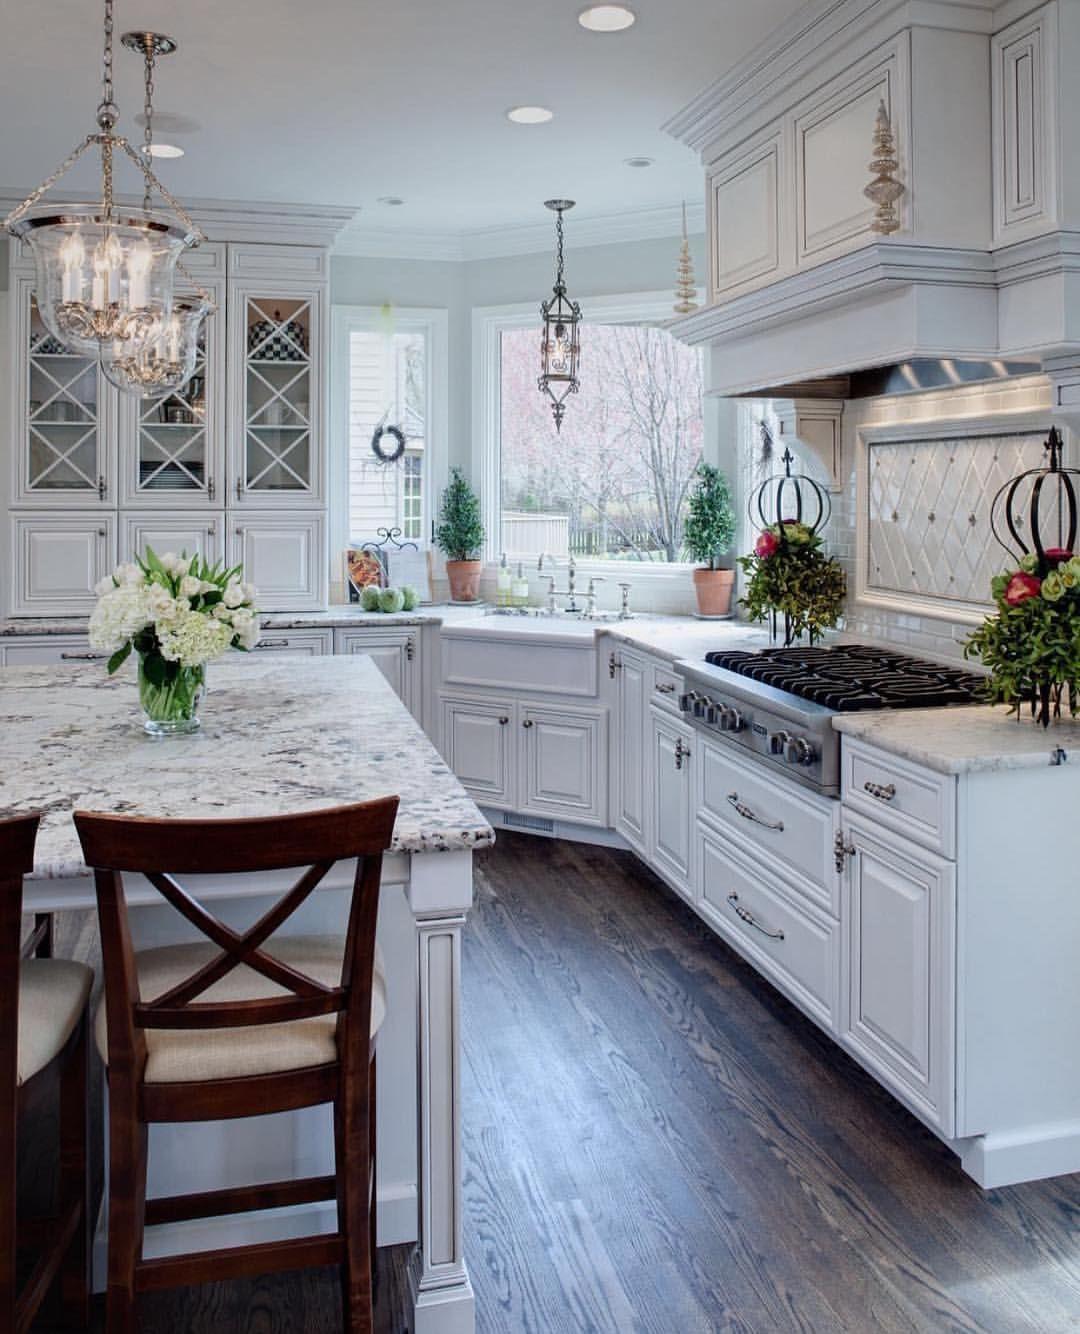 25k Likes, 186 Comments - Interior Design | Home Decor ...